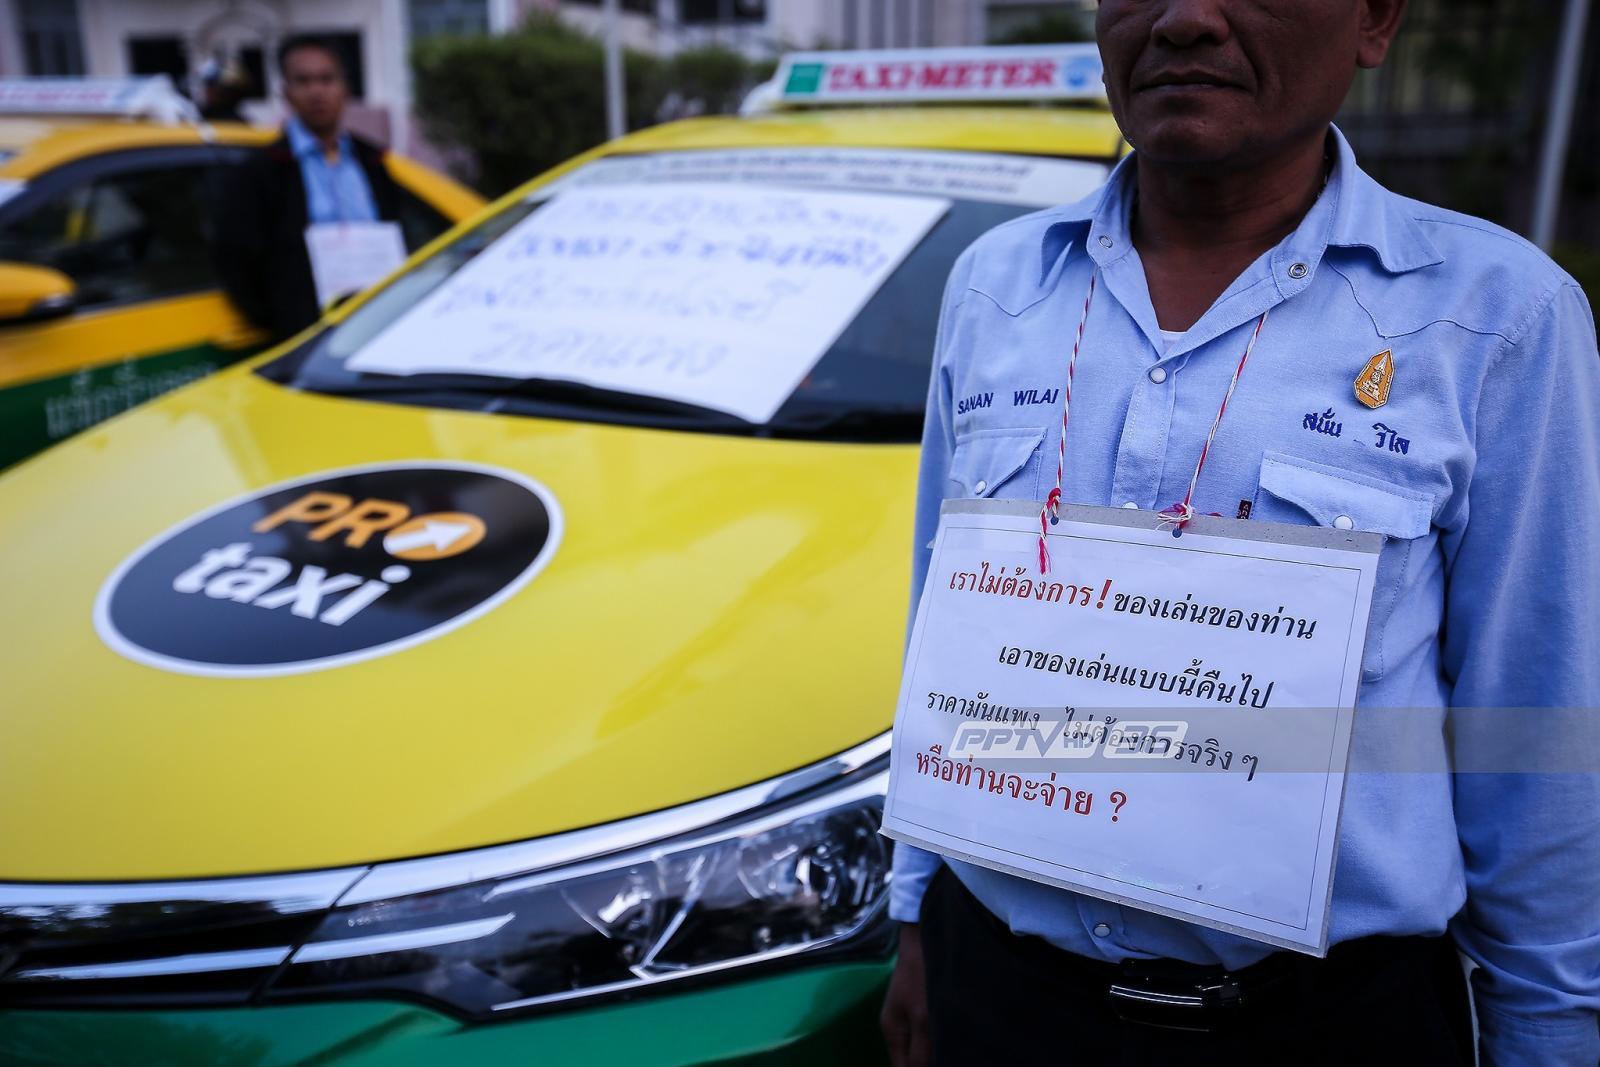 คนขับแท็กซี่เรียกร้อง ยกเลิกบังคับติดตั้งอุปกรณ์ส่วนควบหันมาอบรมแทน